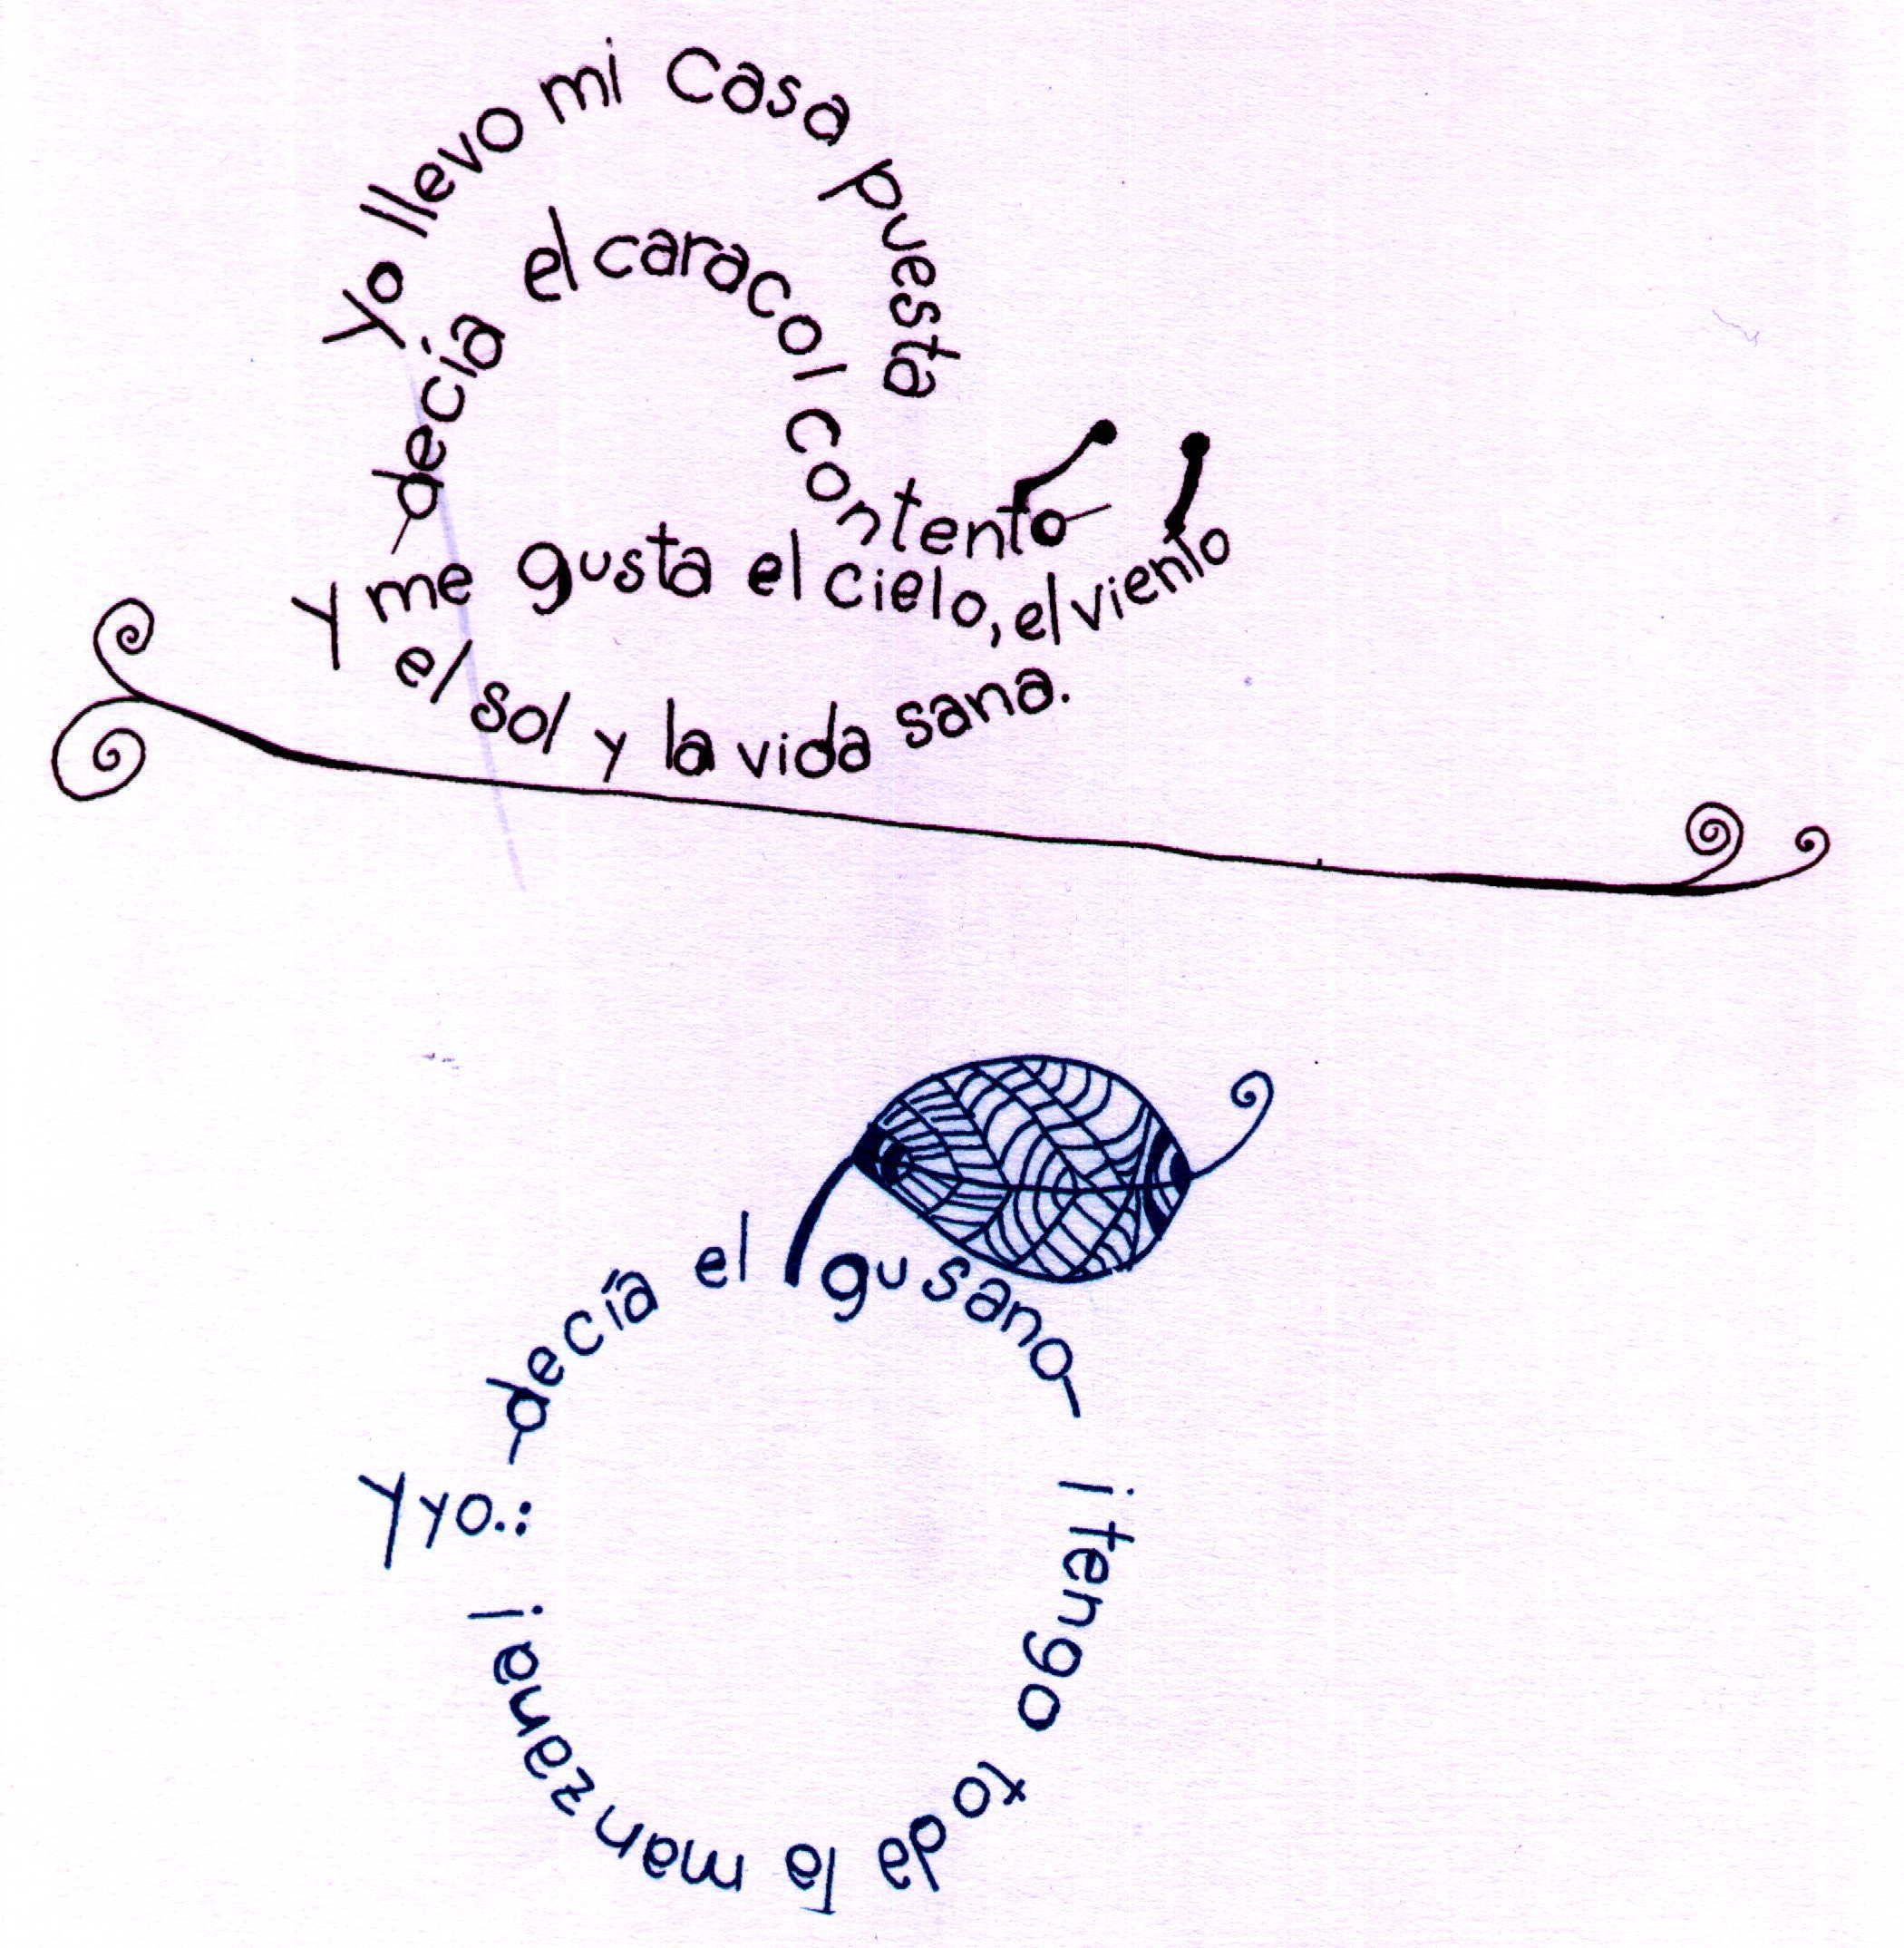 Caligramas Poesia E Imagen Caligramas Caligramas Para Ninos Caligramas Faciles